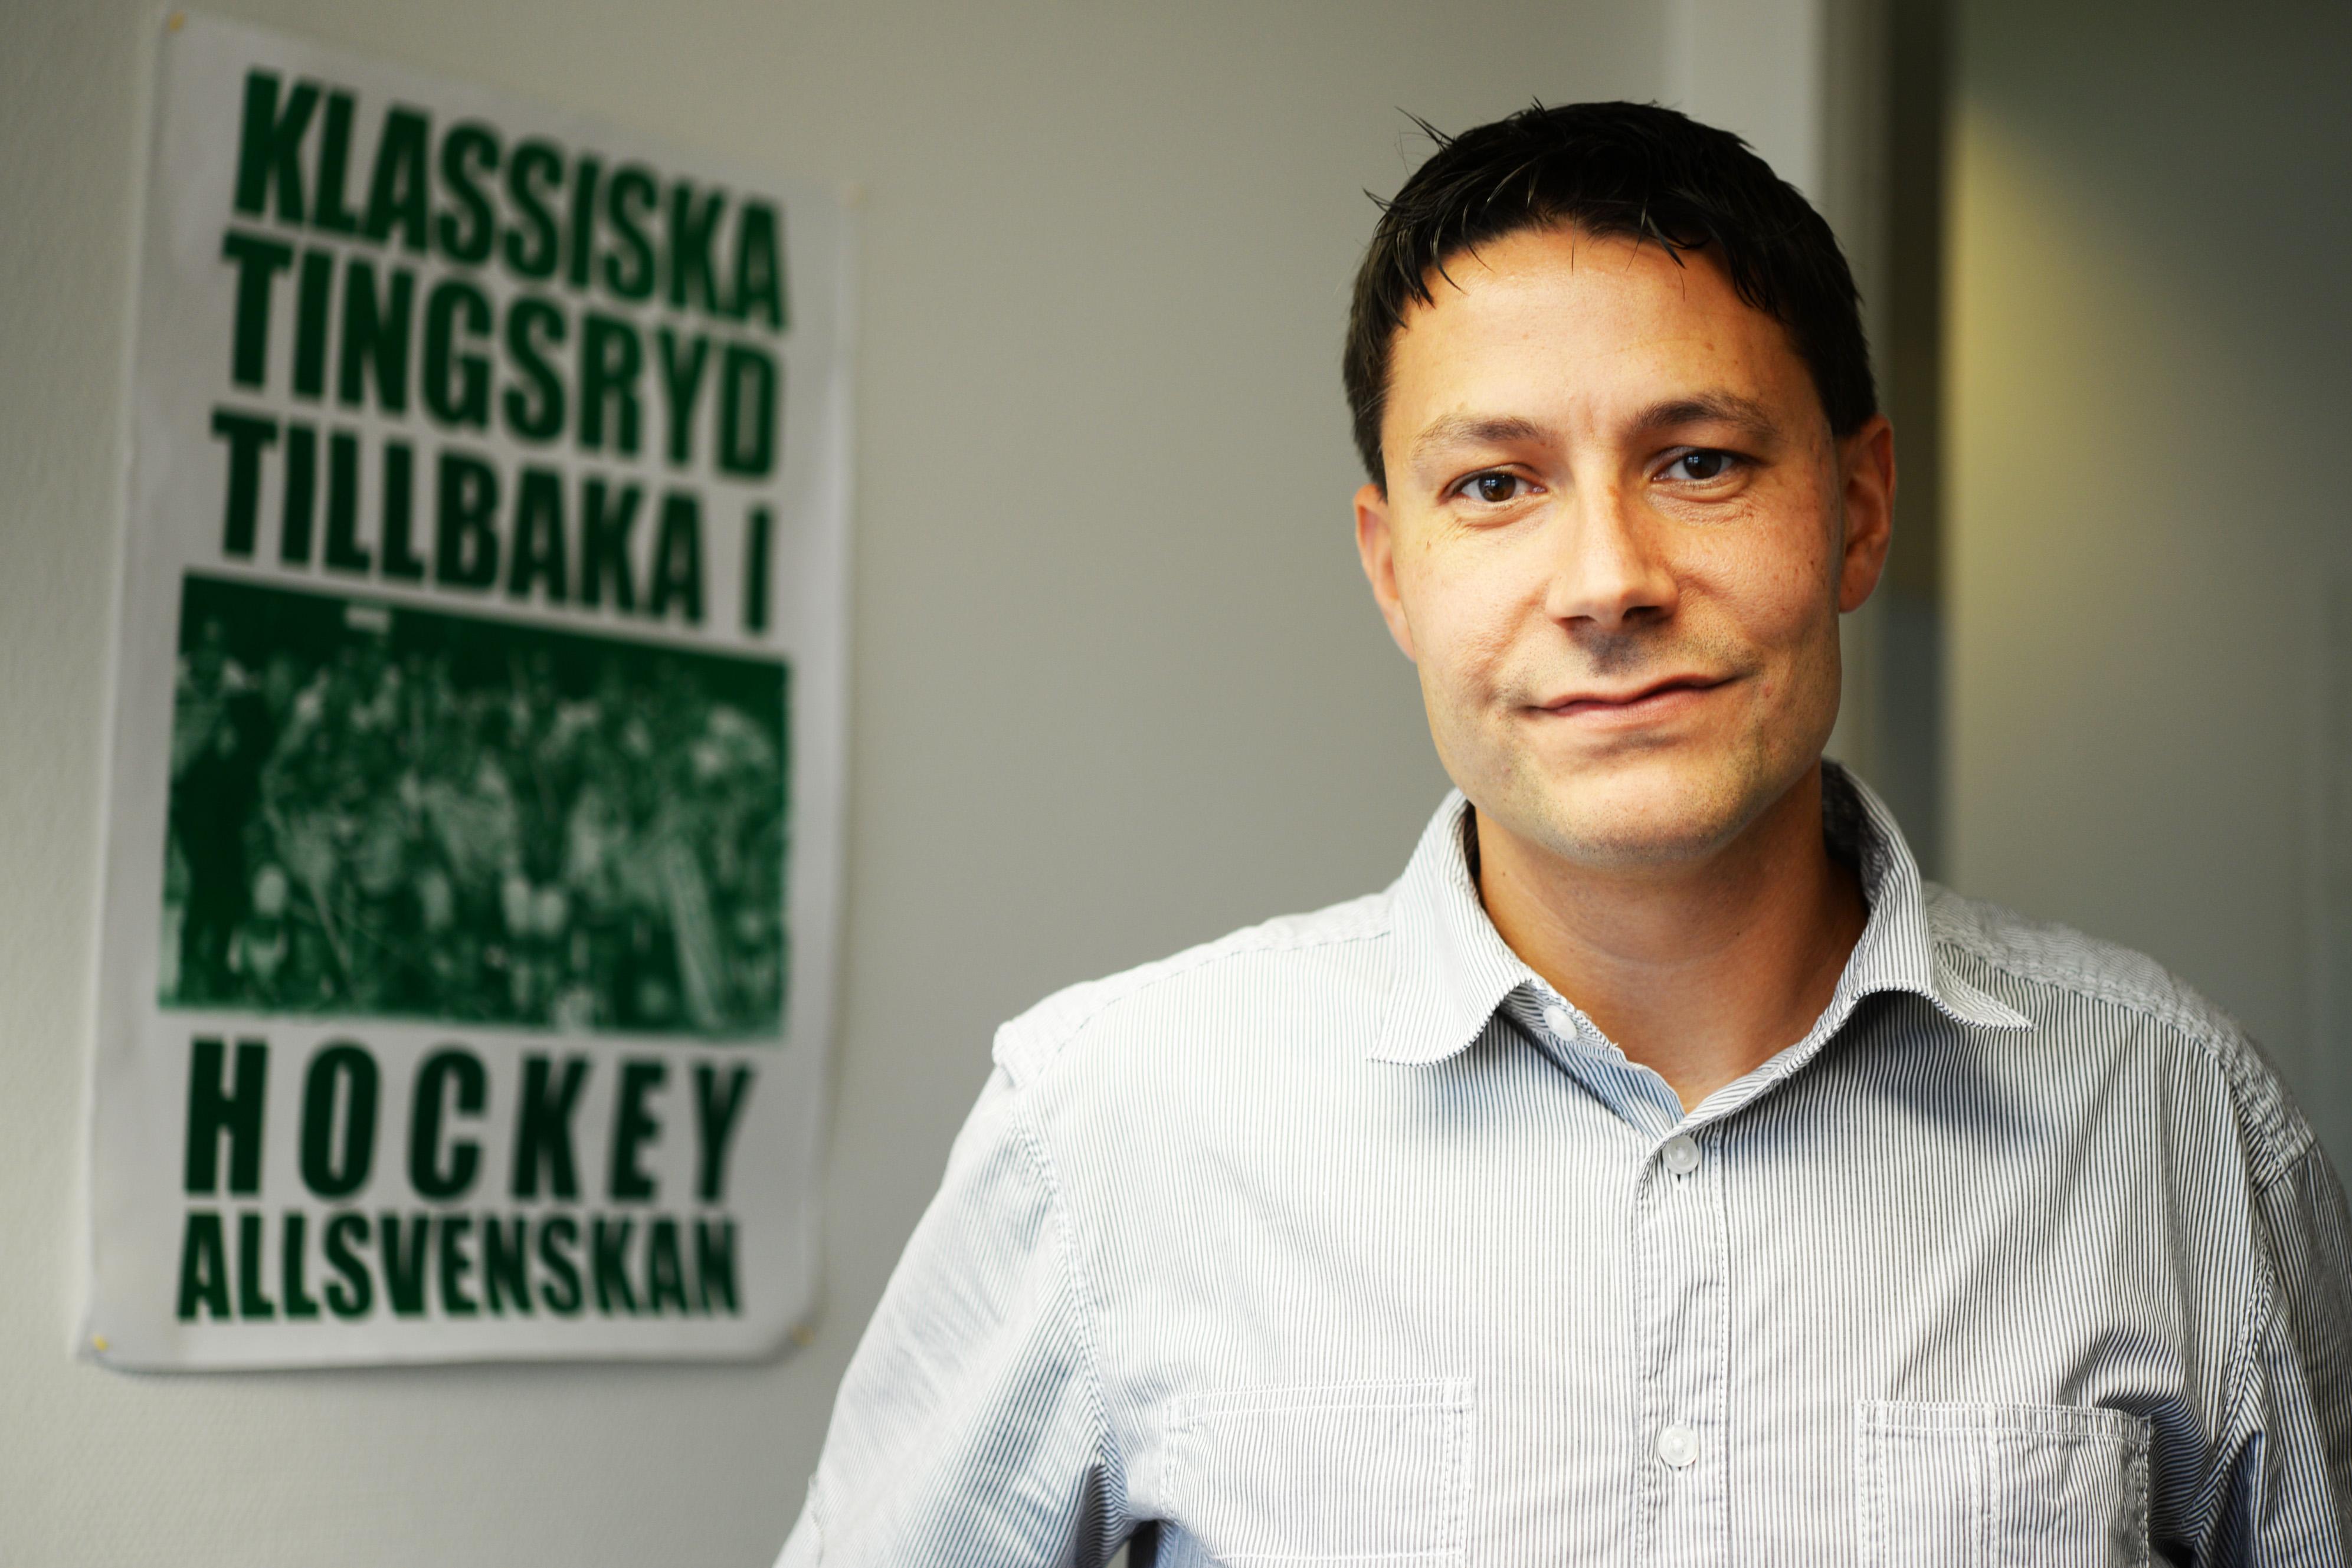 Mats Tallkvist